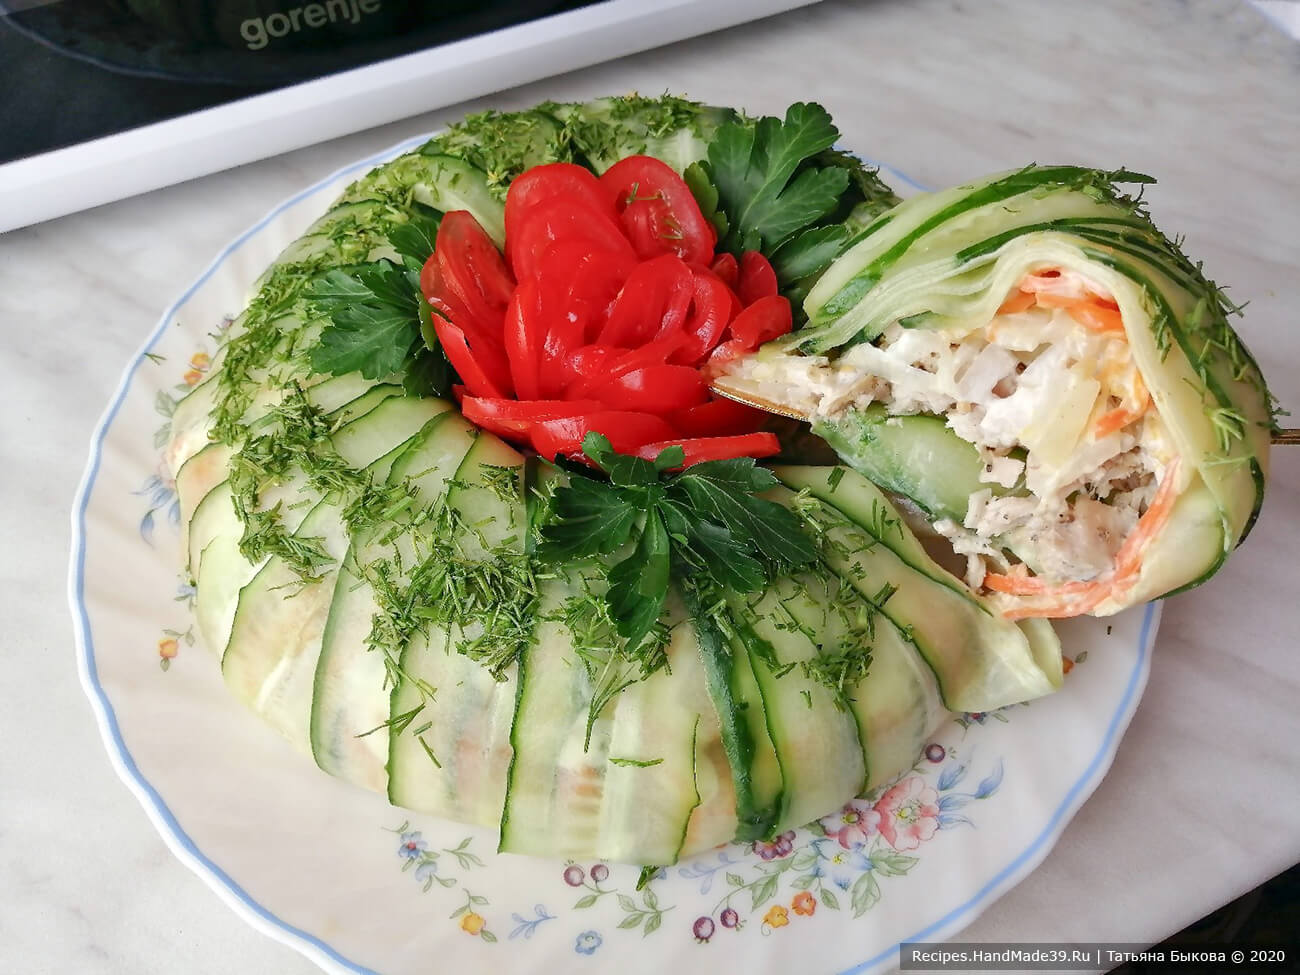 Праздничный салат с курицей, огурцами и морковью по-корейски – пошаговый рецепт с фото